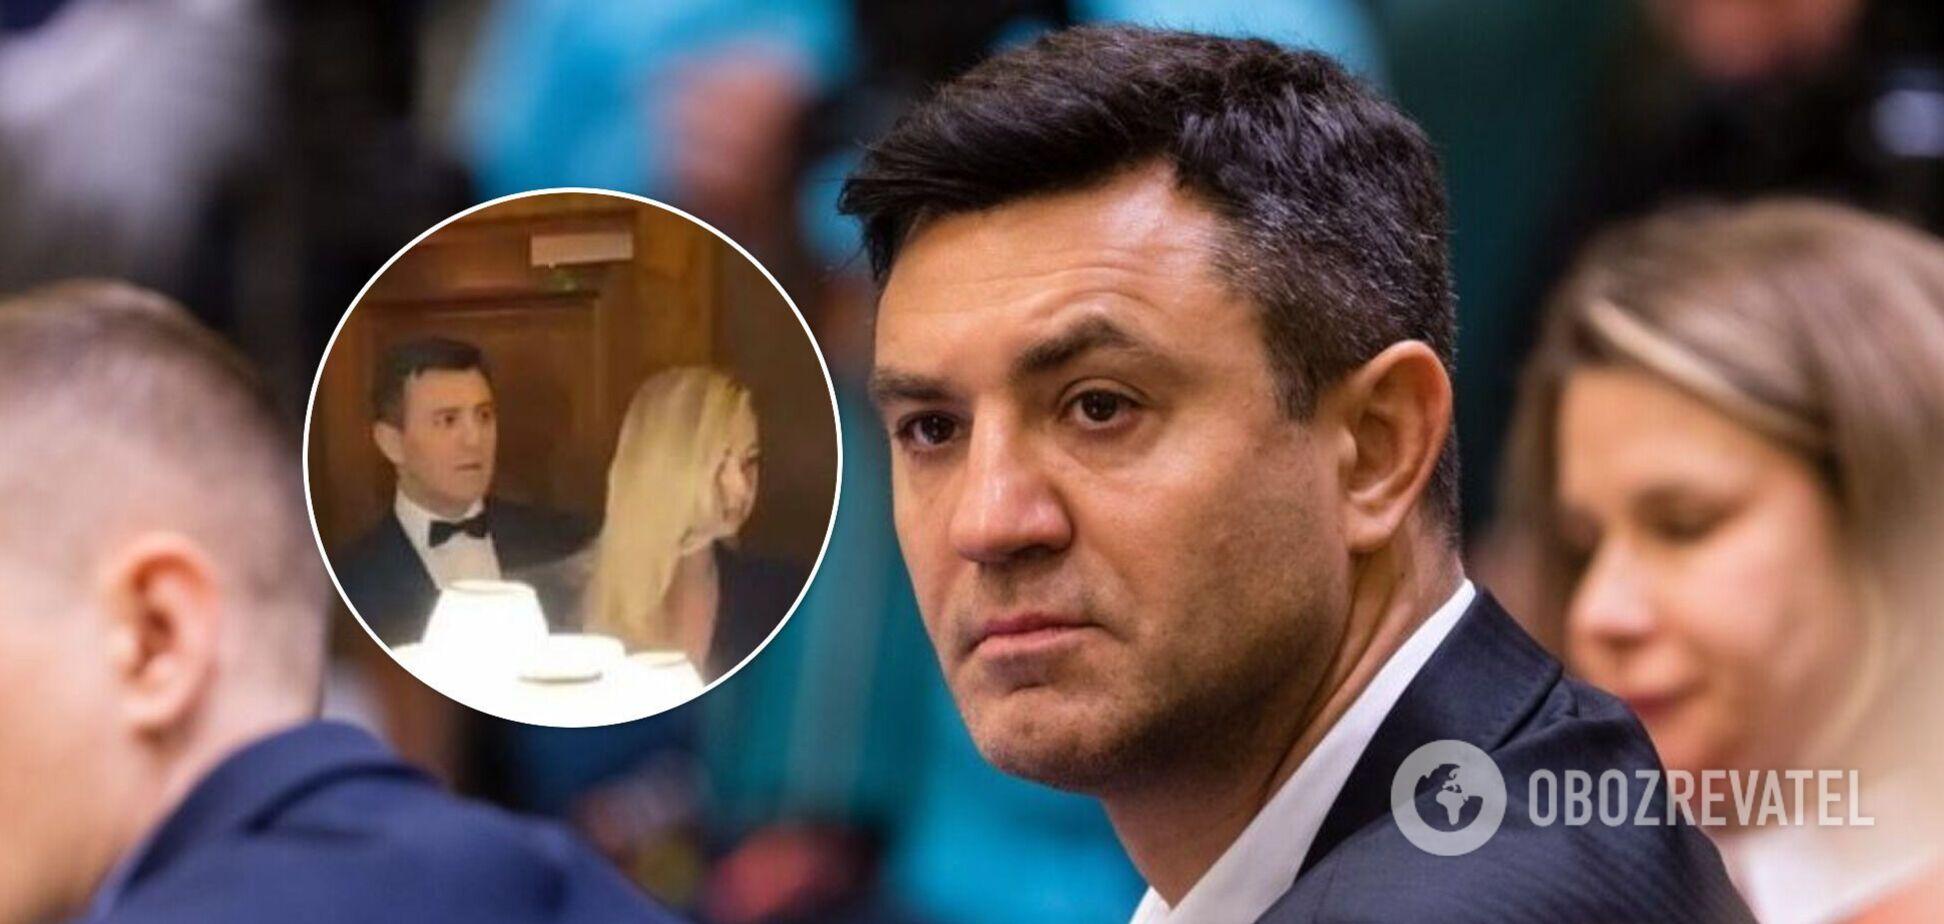 Тищенко заявив, що на вечірці дружини були люди, які перехворіли на COVID-19: повний текст 'виправдання'